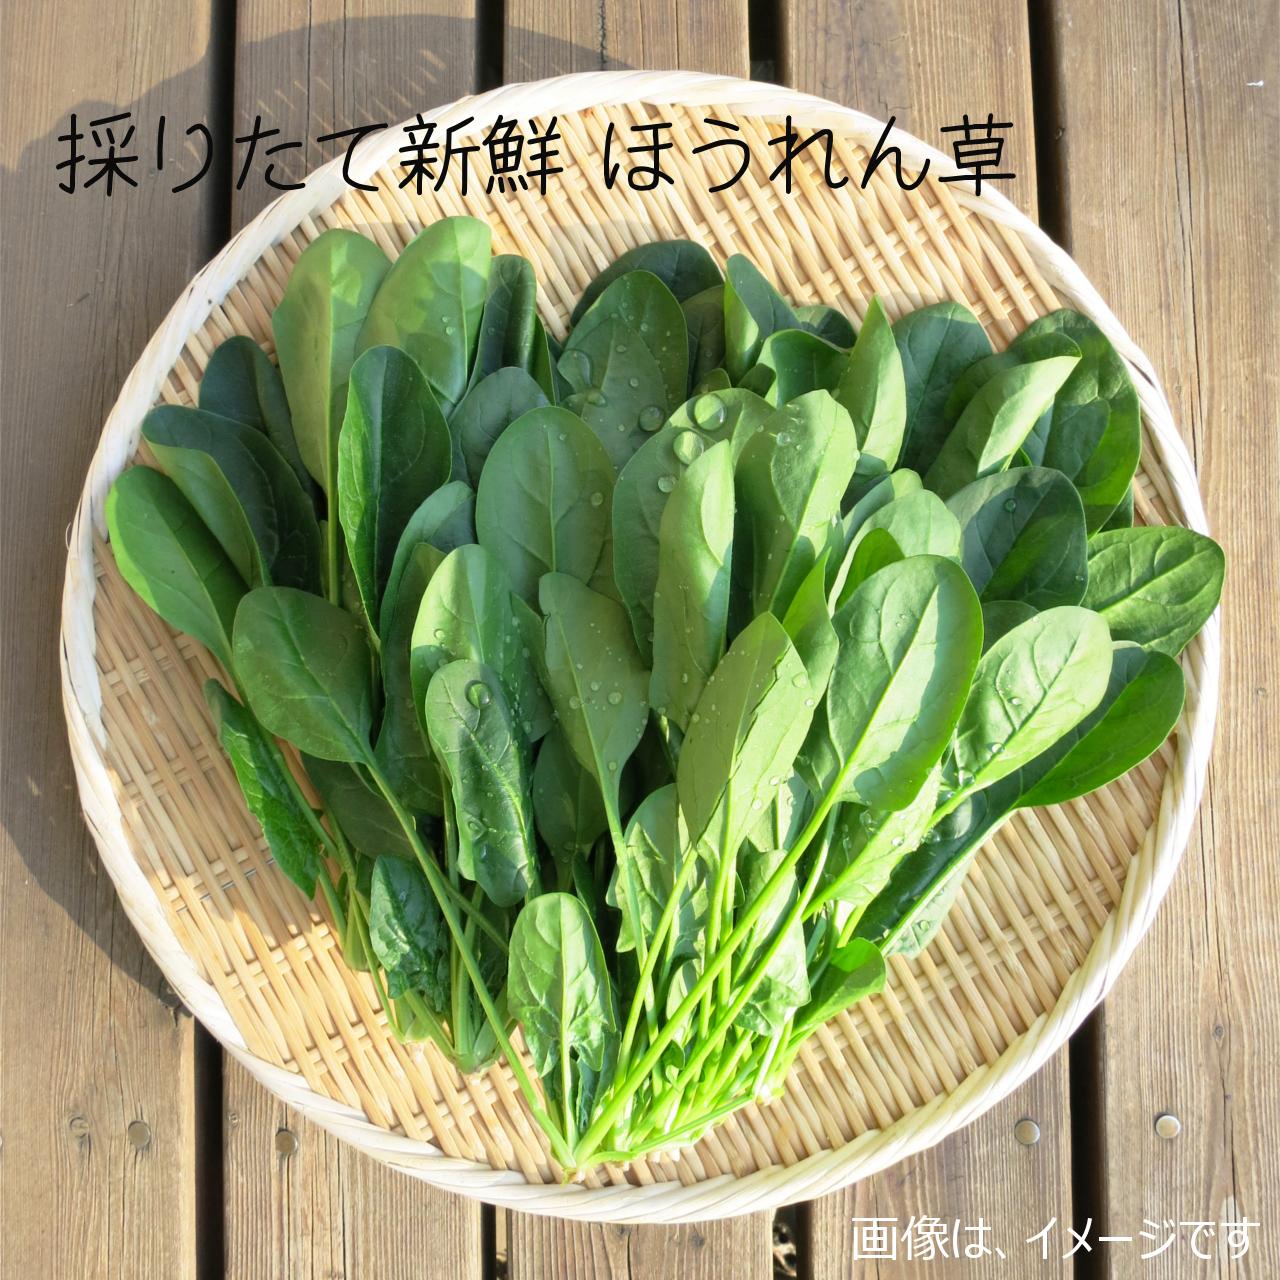 7月の新鮮野菜 : ホウレンソウ 約250g 朝採り直売野菜 7月4日発送予定